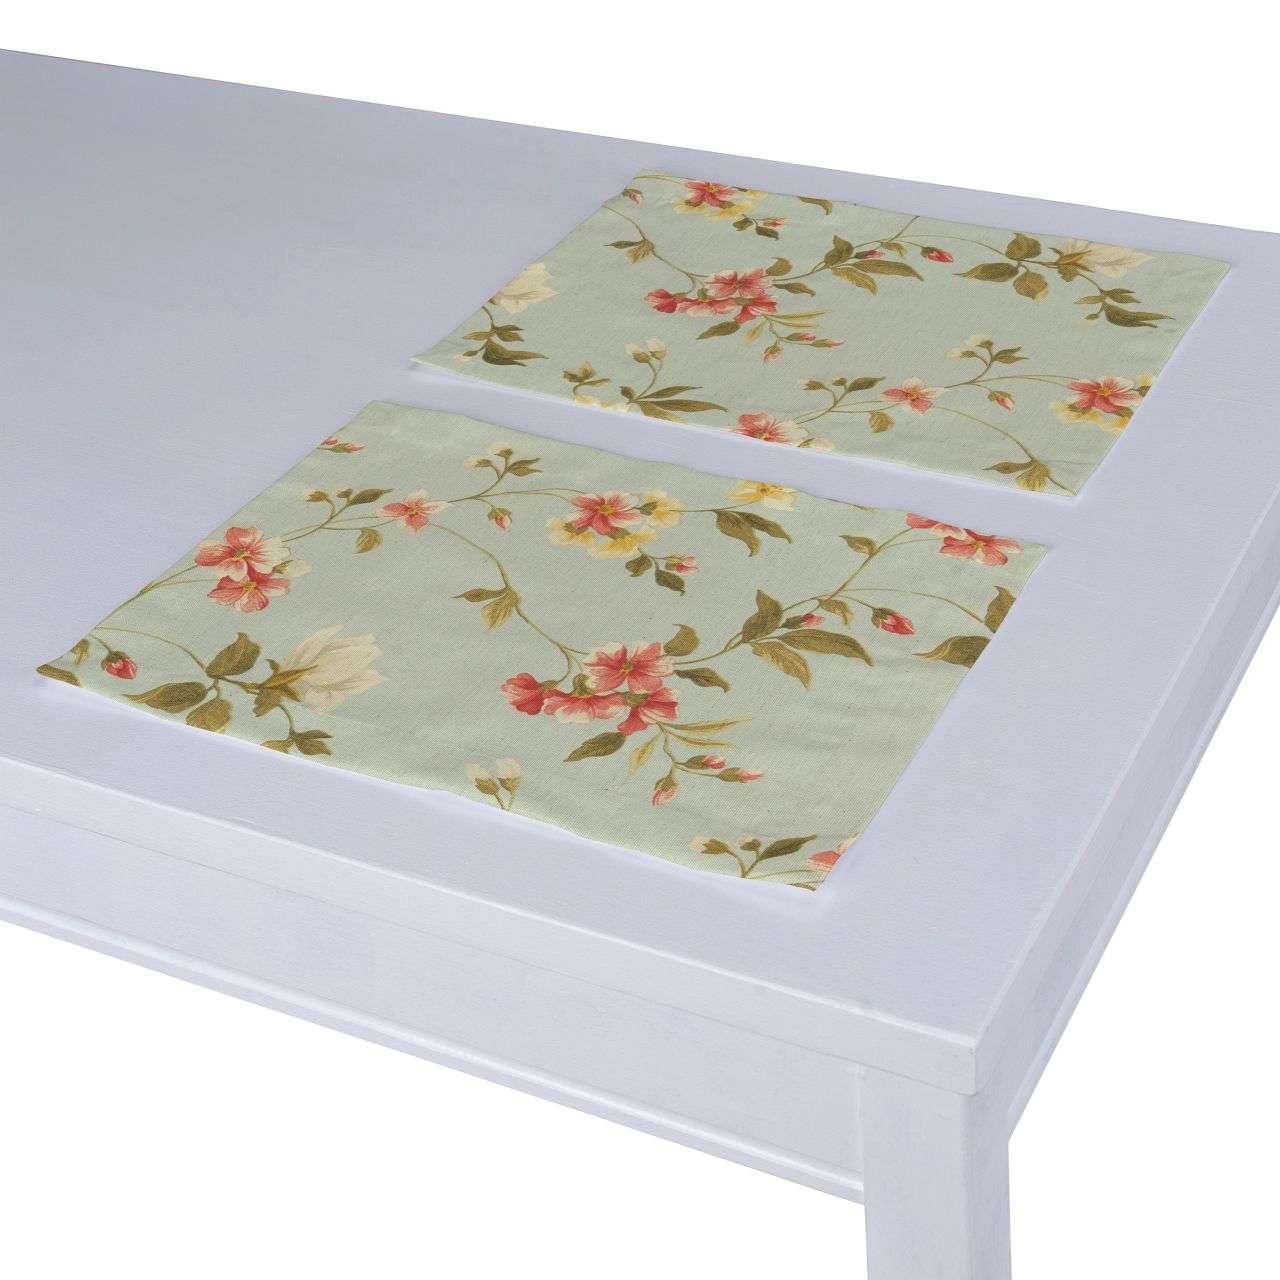 Podkładka 2 sztuki 30x40 cm w kolekcji Londres, tkanina: 124-65